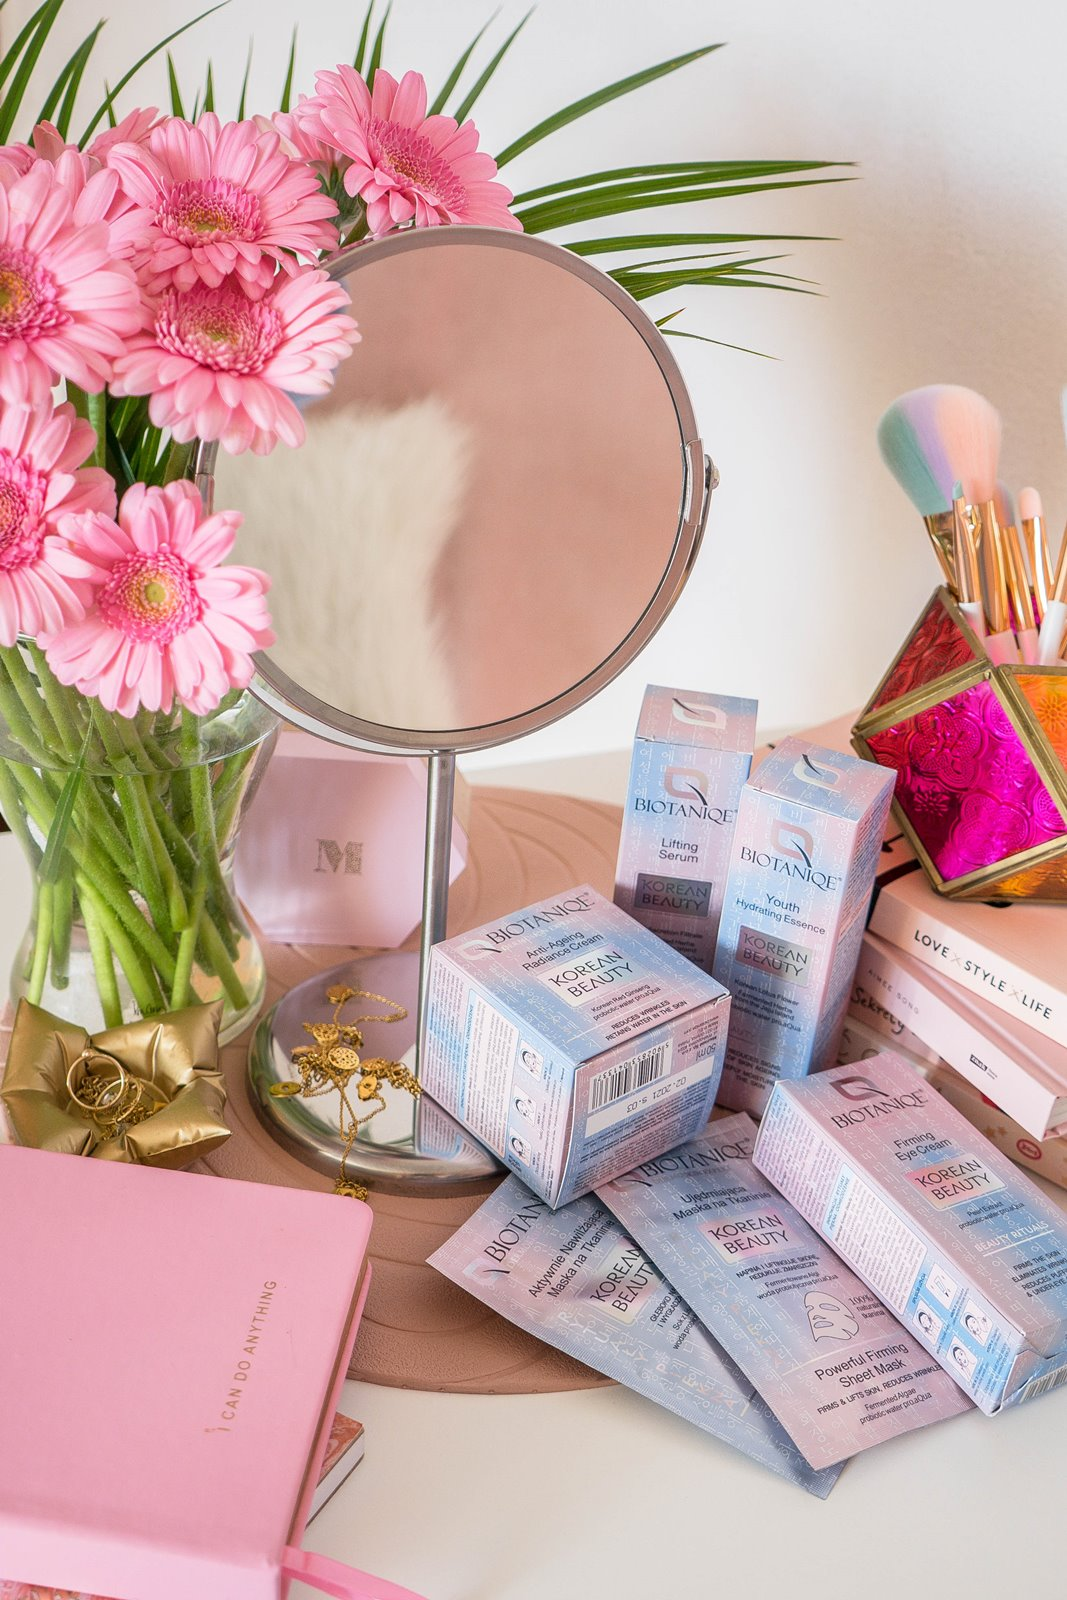 2 biotaniqe koreańska pielęgnacja krok po kroku w jakiej kolejności nakładać kosmetyki jak dbać o cerę koreańskie kosmetyki kremy serum maski korean beauty instagram melodylaniella łódzka blogerka lifestyle